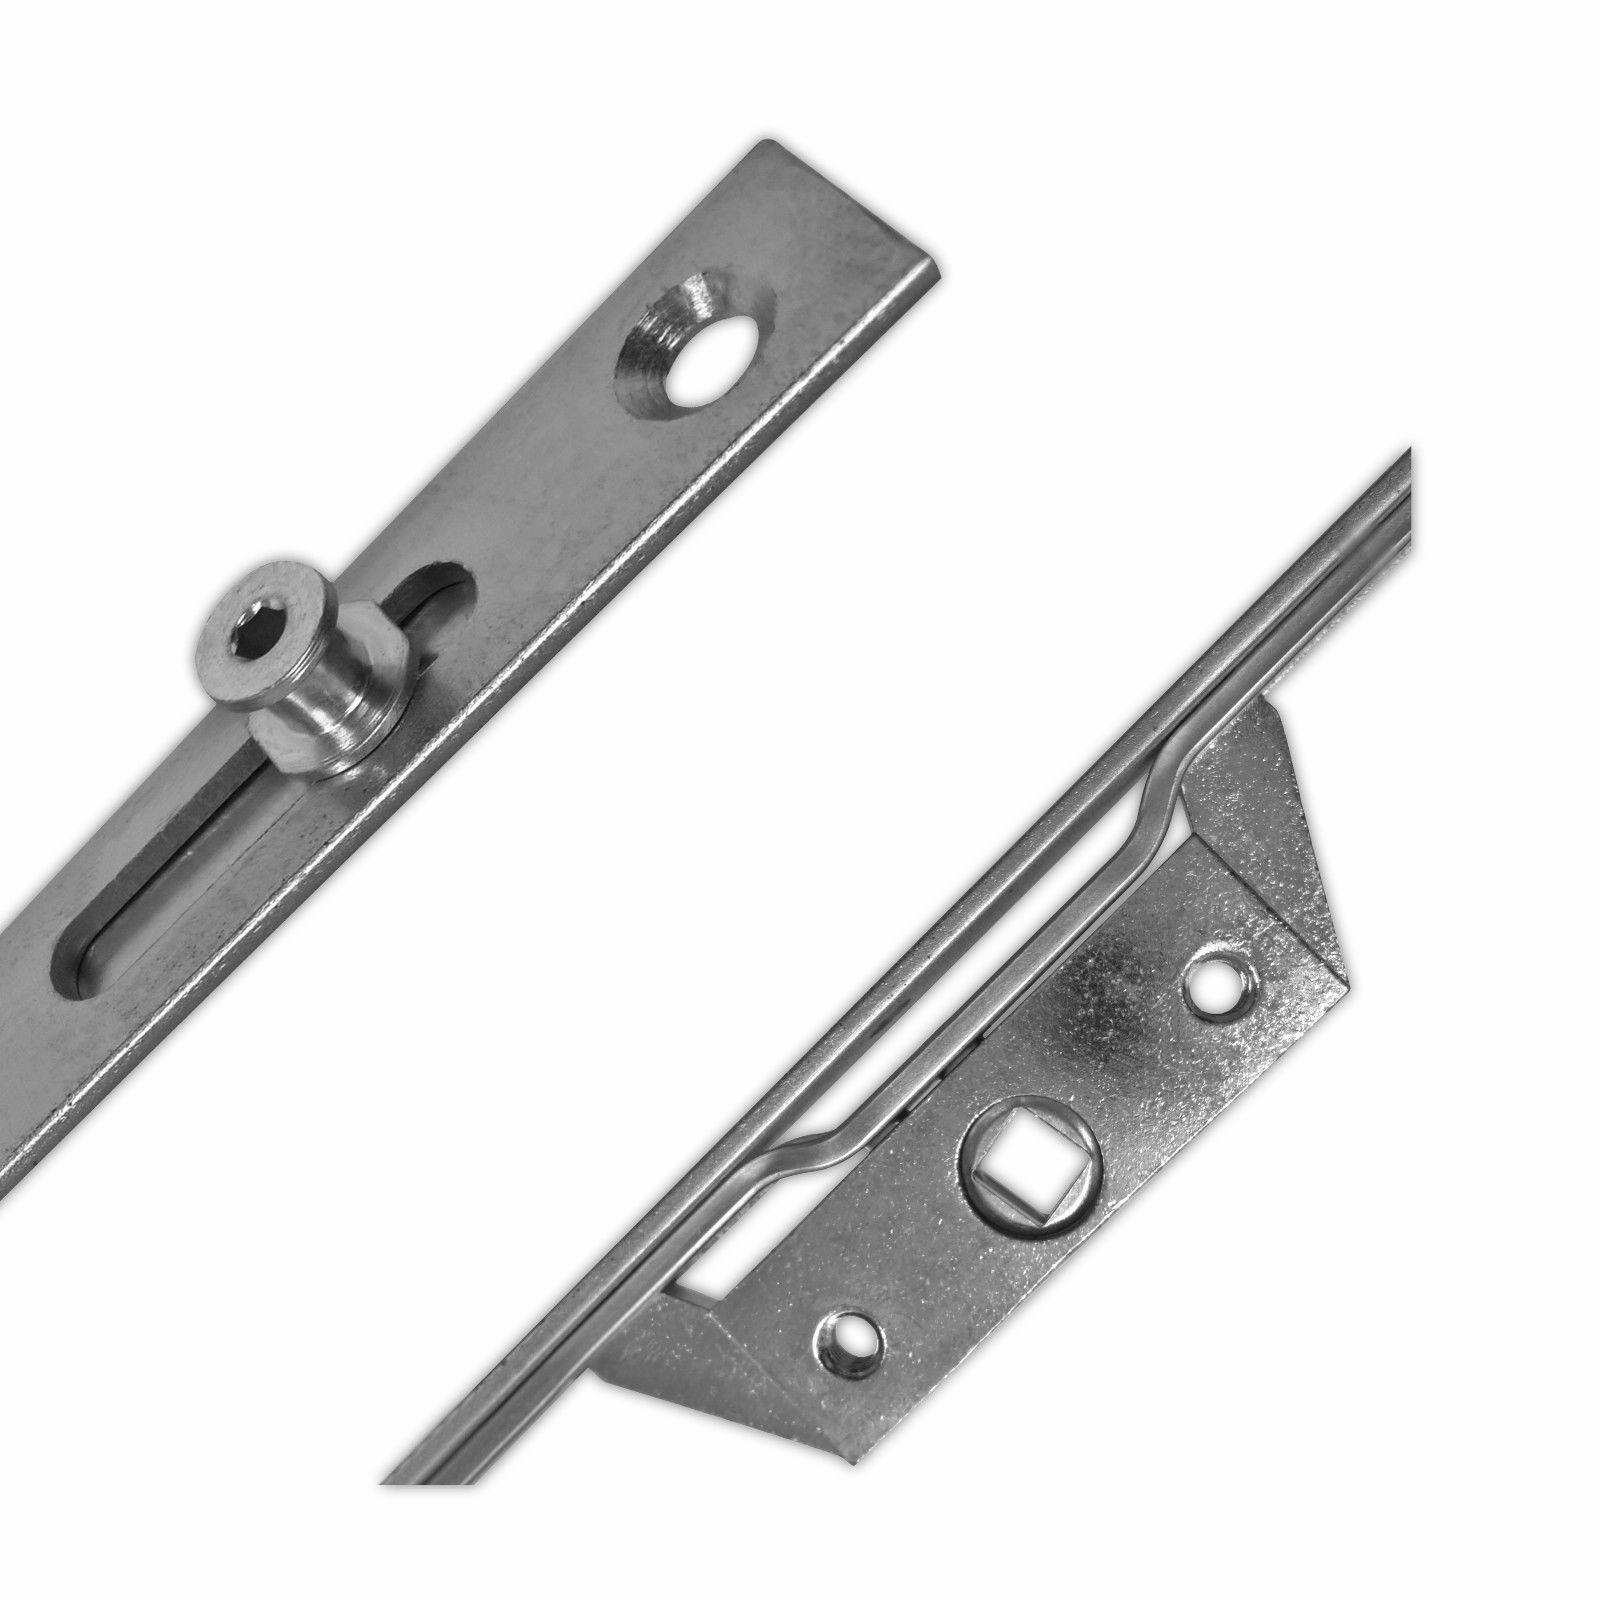 Inline Espag Window Lock Gearbox Mechanism 16mm Double